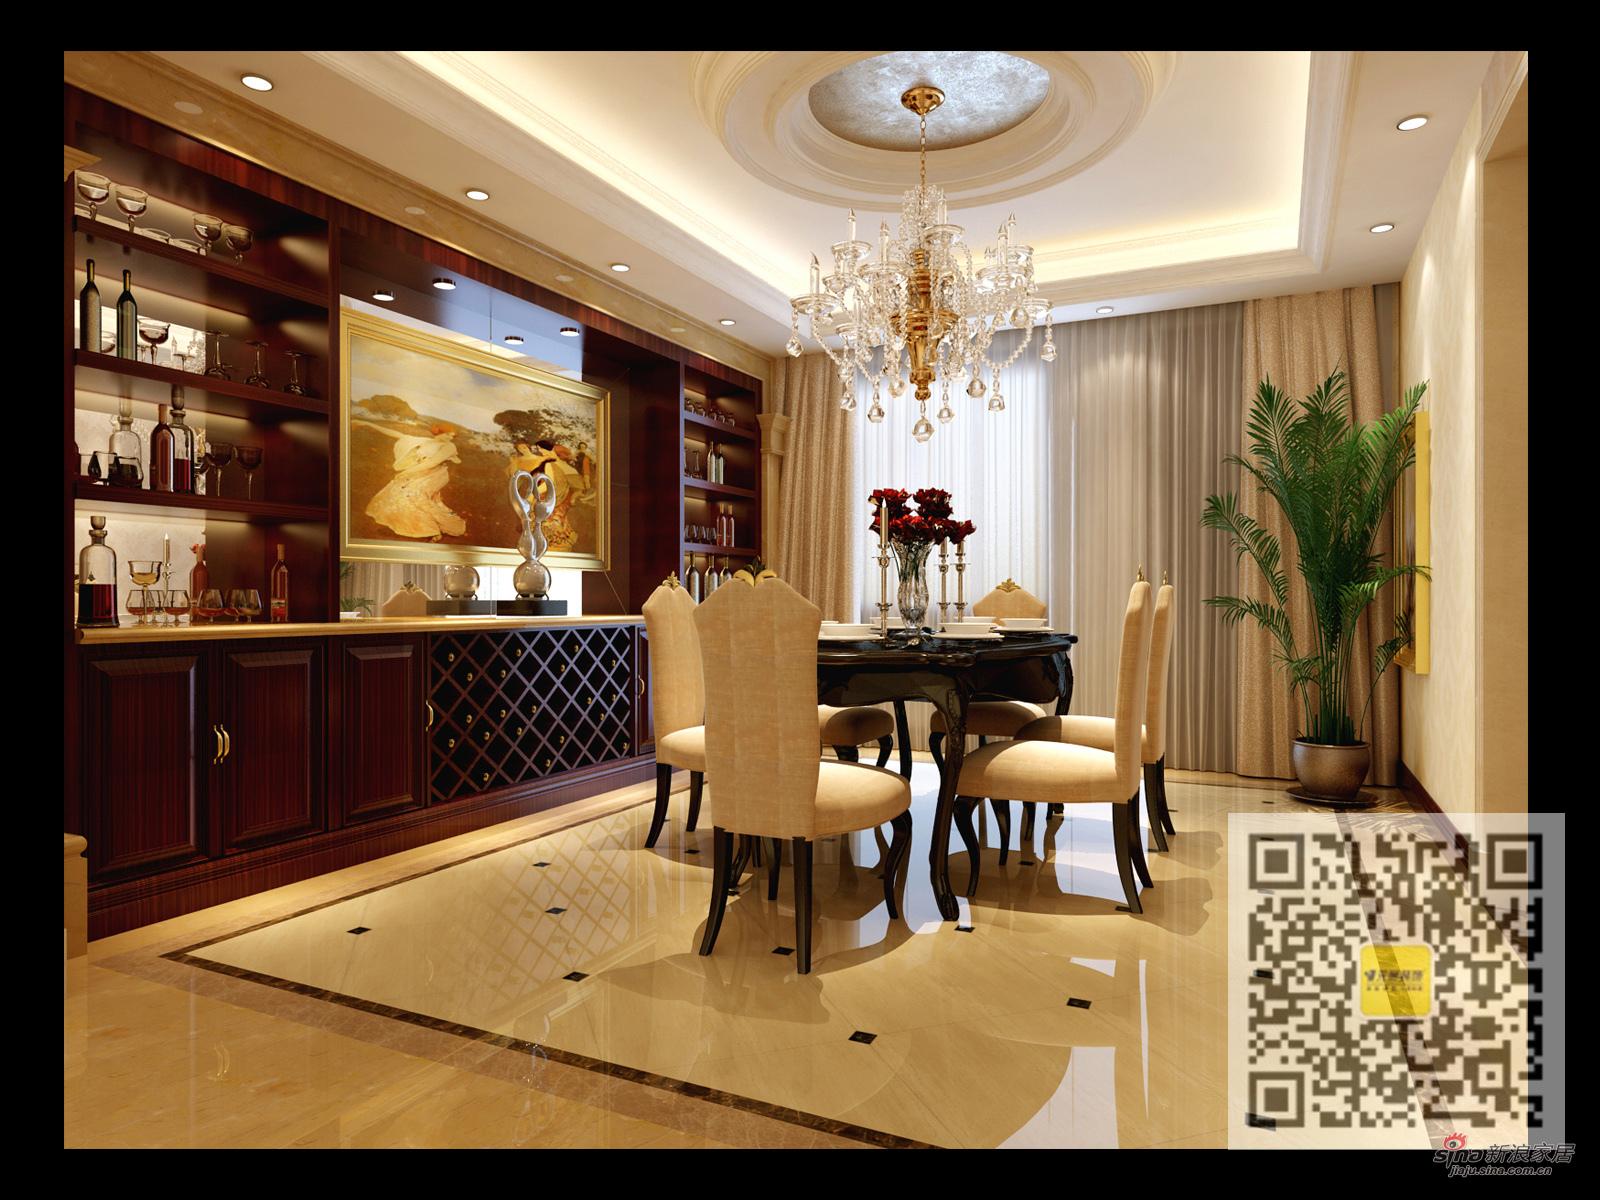 欧式 别墅 餐厅图片来自用户2746948411在万通新新家园欧式风格别墅装修设计19的分享